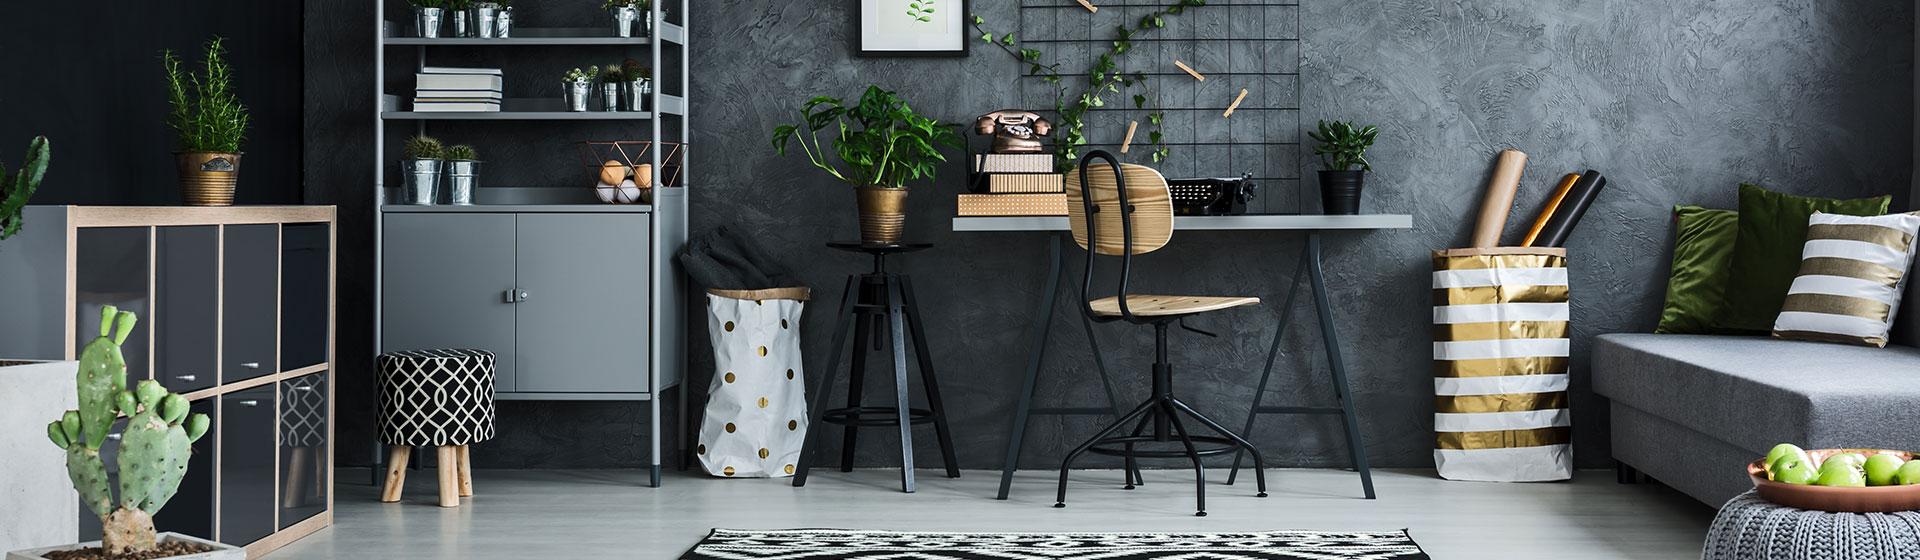 conseils en rev tements de murs et sols mon. Black Bedroom Furniture Sets. Home Design Ideas